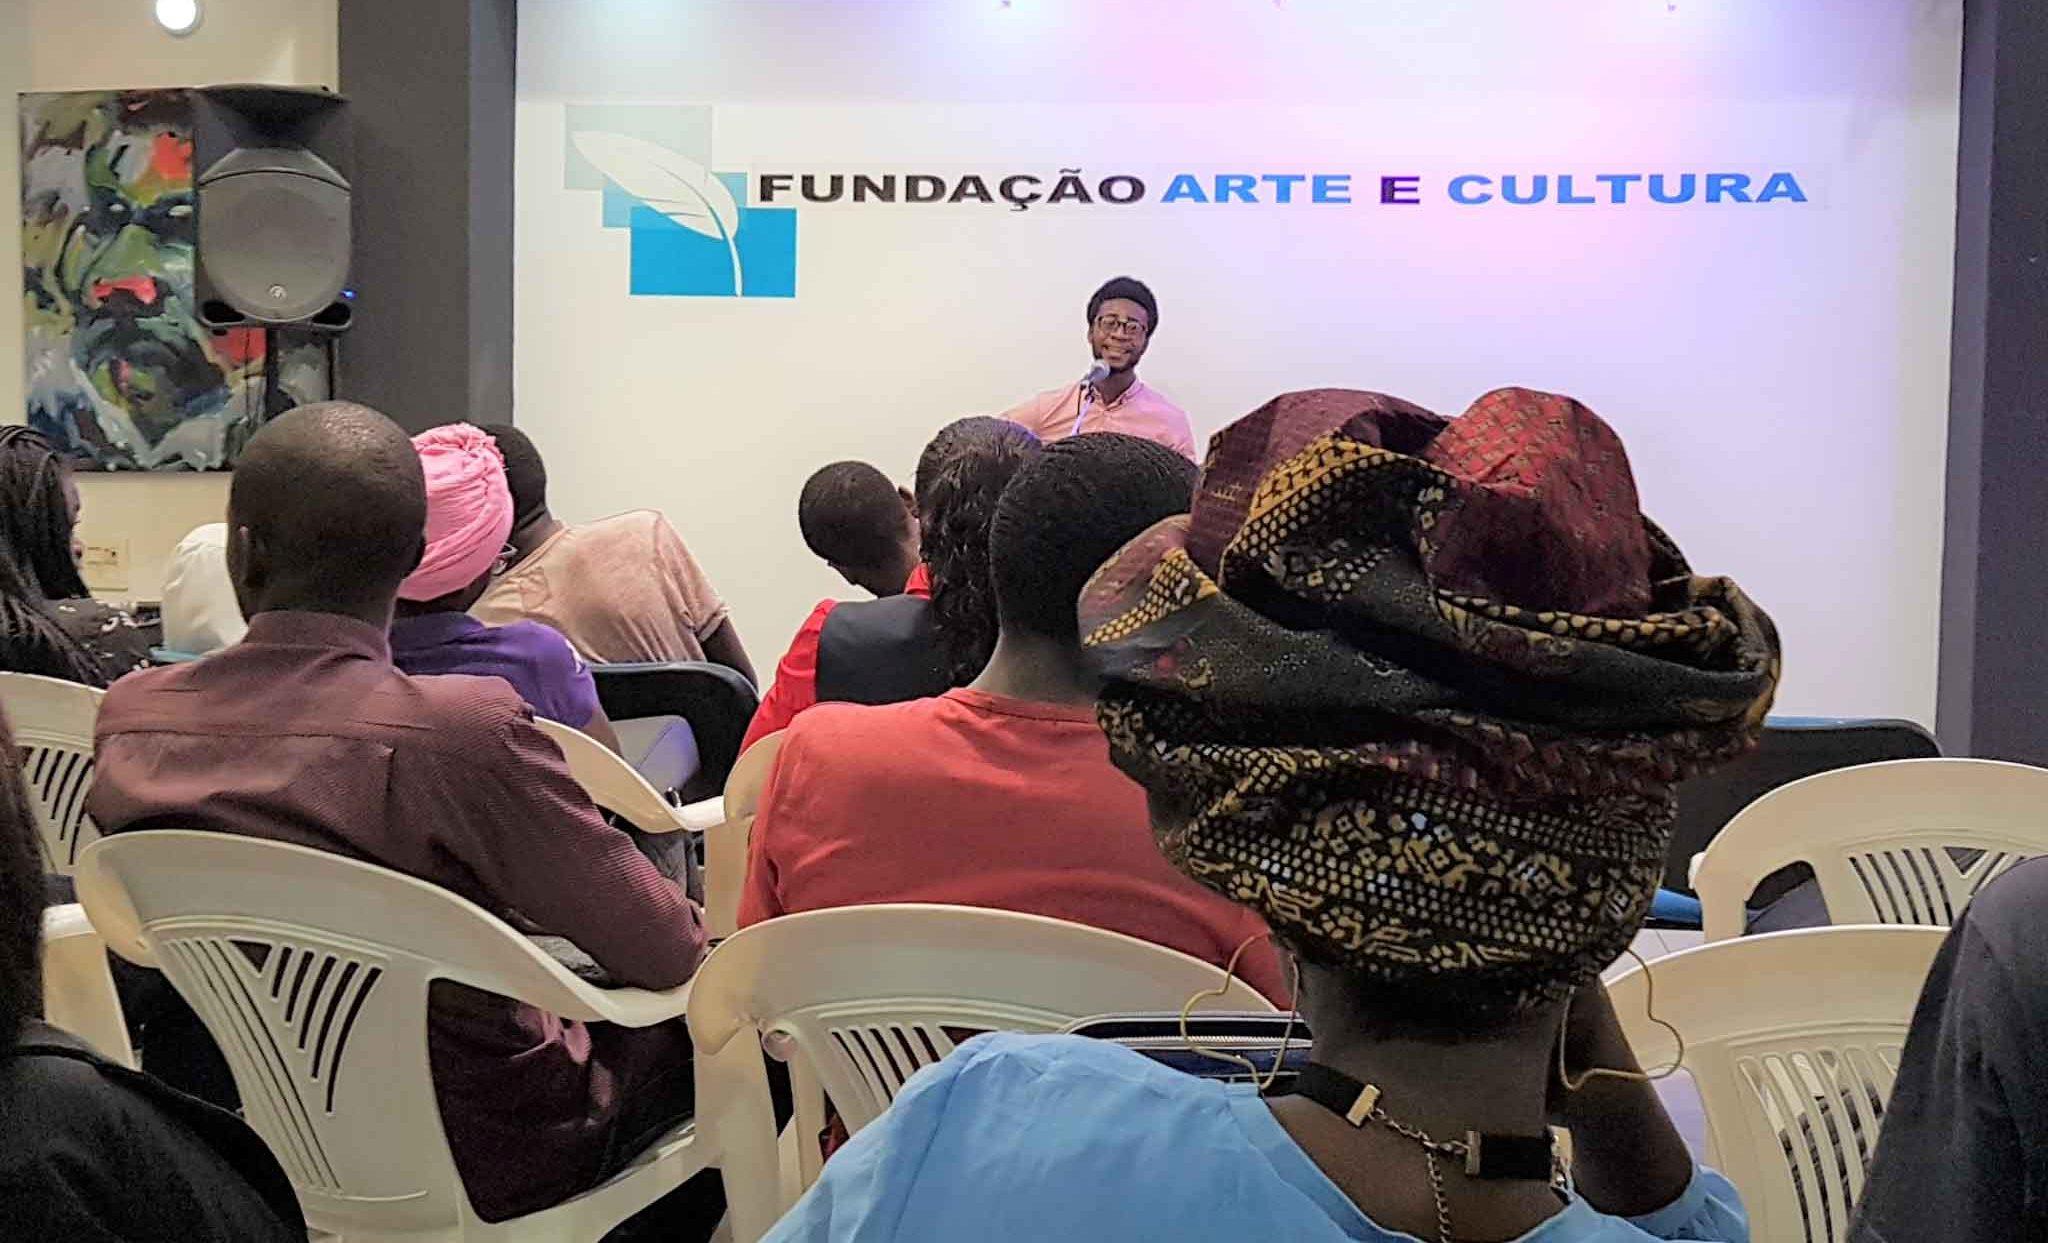 Fundação Arte e Cultura oficializa Dia das Boas Acções em Angola